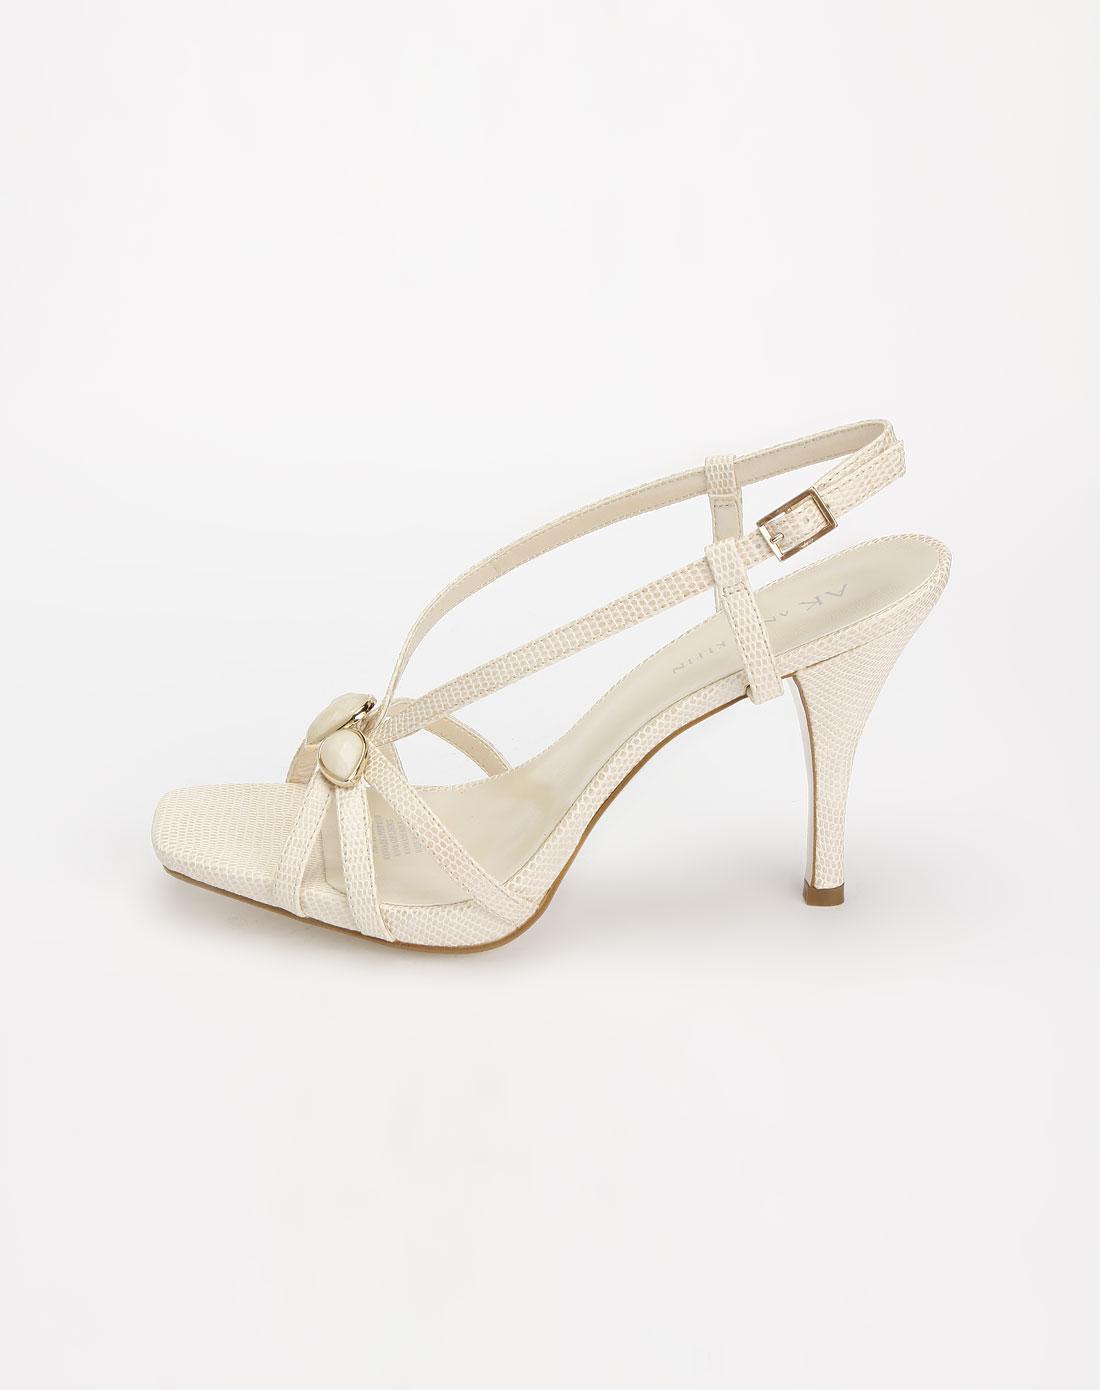 米白色时尚高跟凉鞋